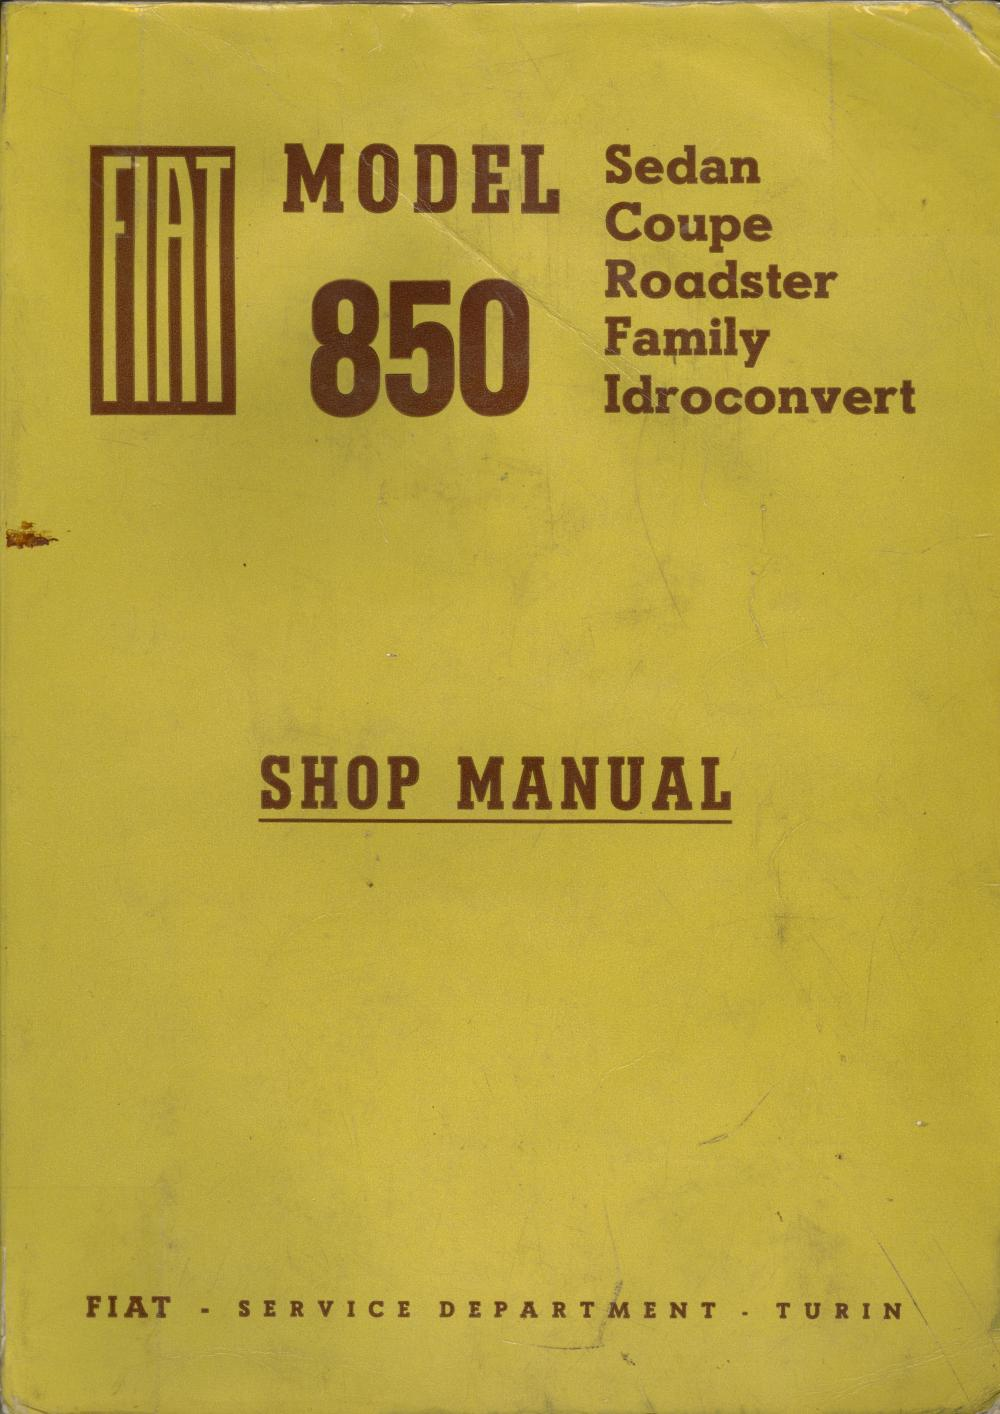 medium resolution of fiat 850 shop manual